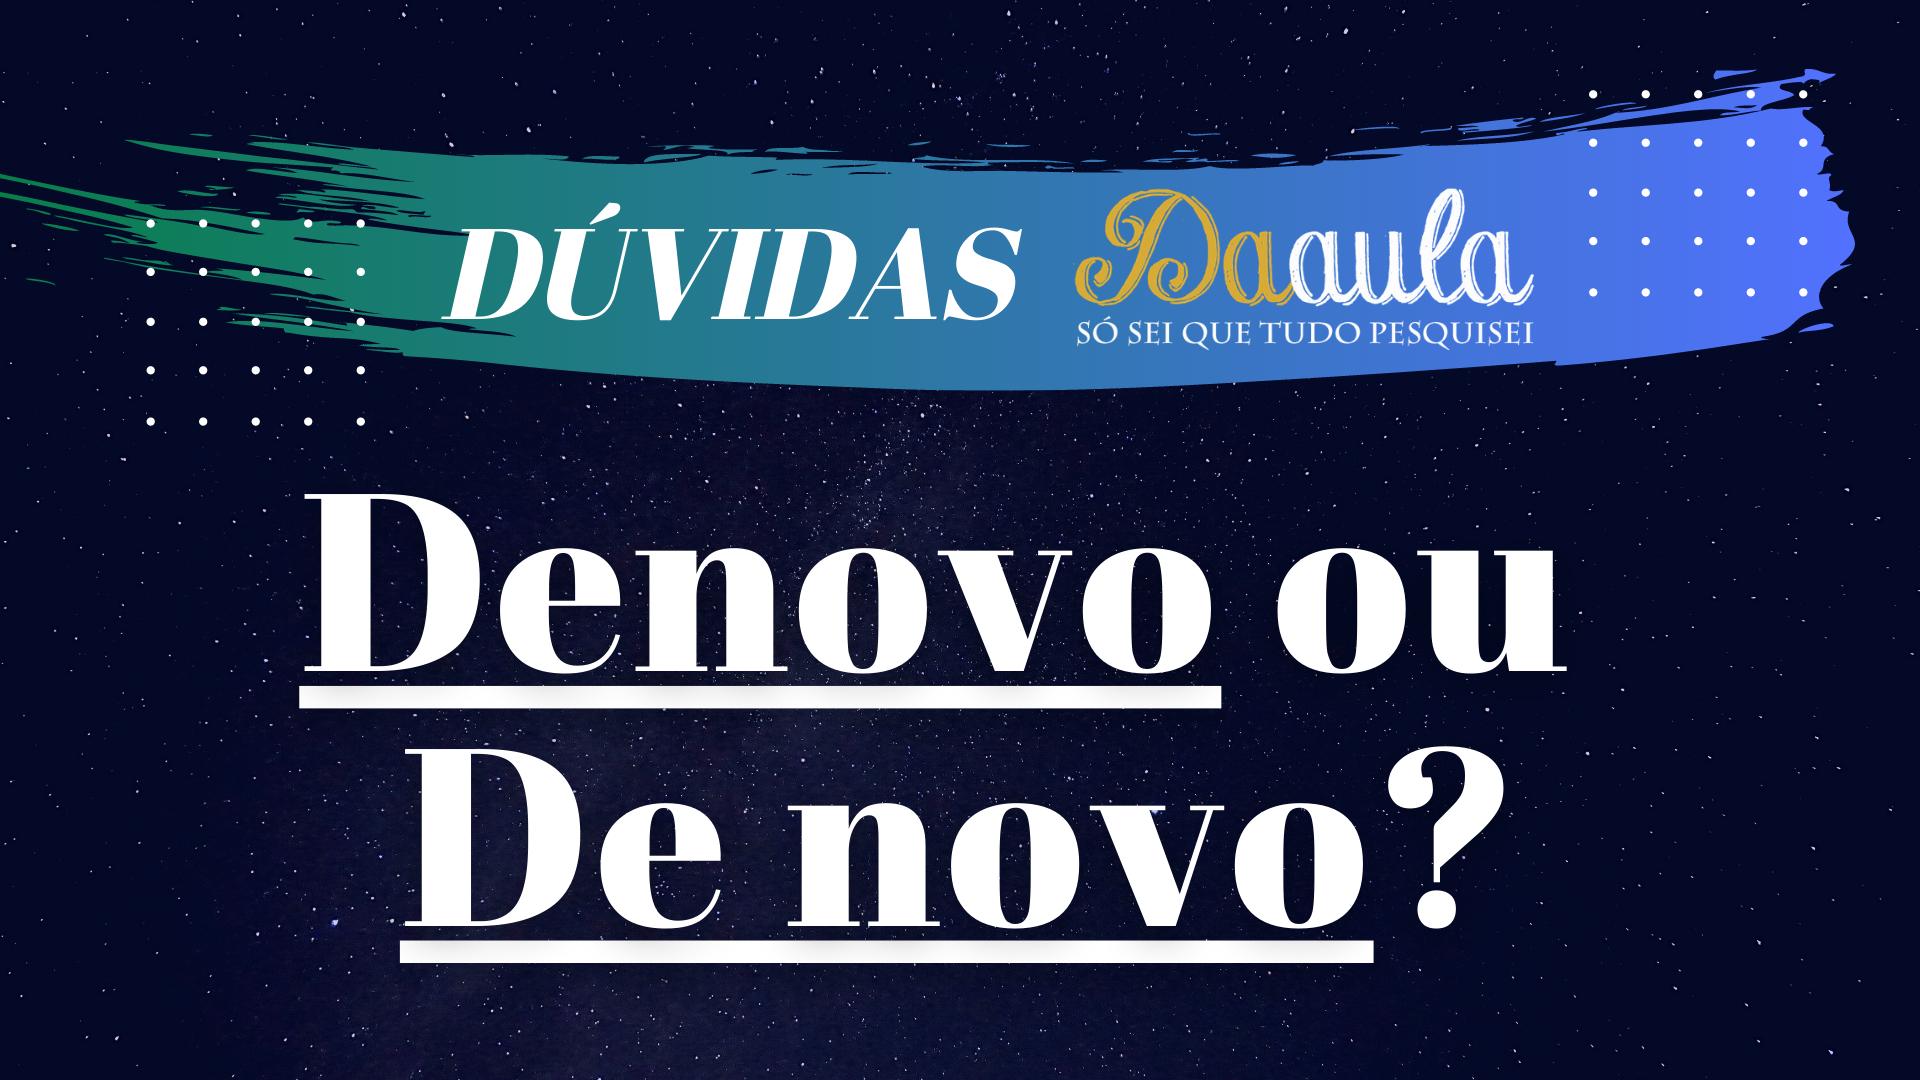 Qual a forma correta: De novo ou Denovo?